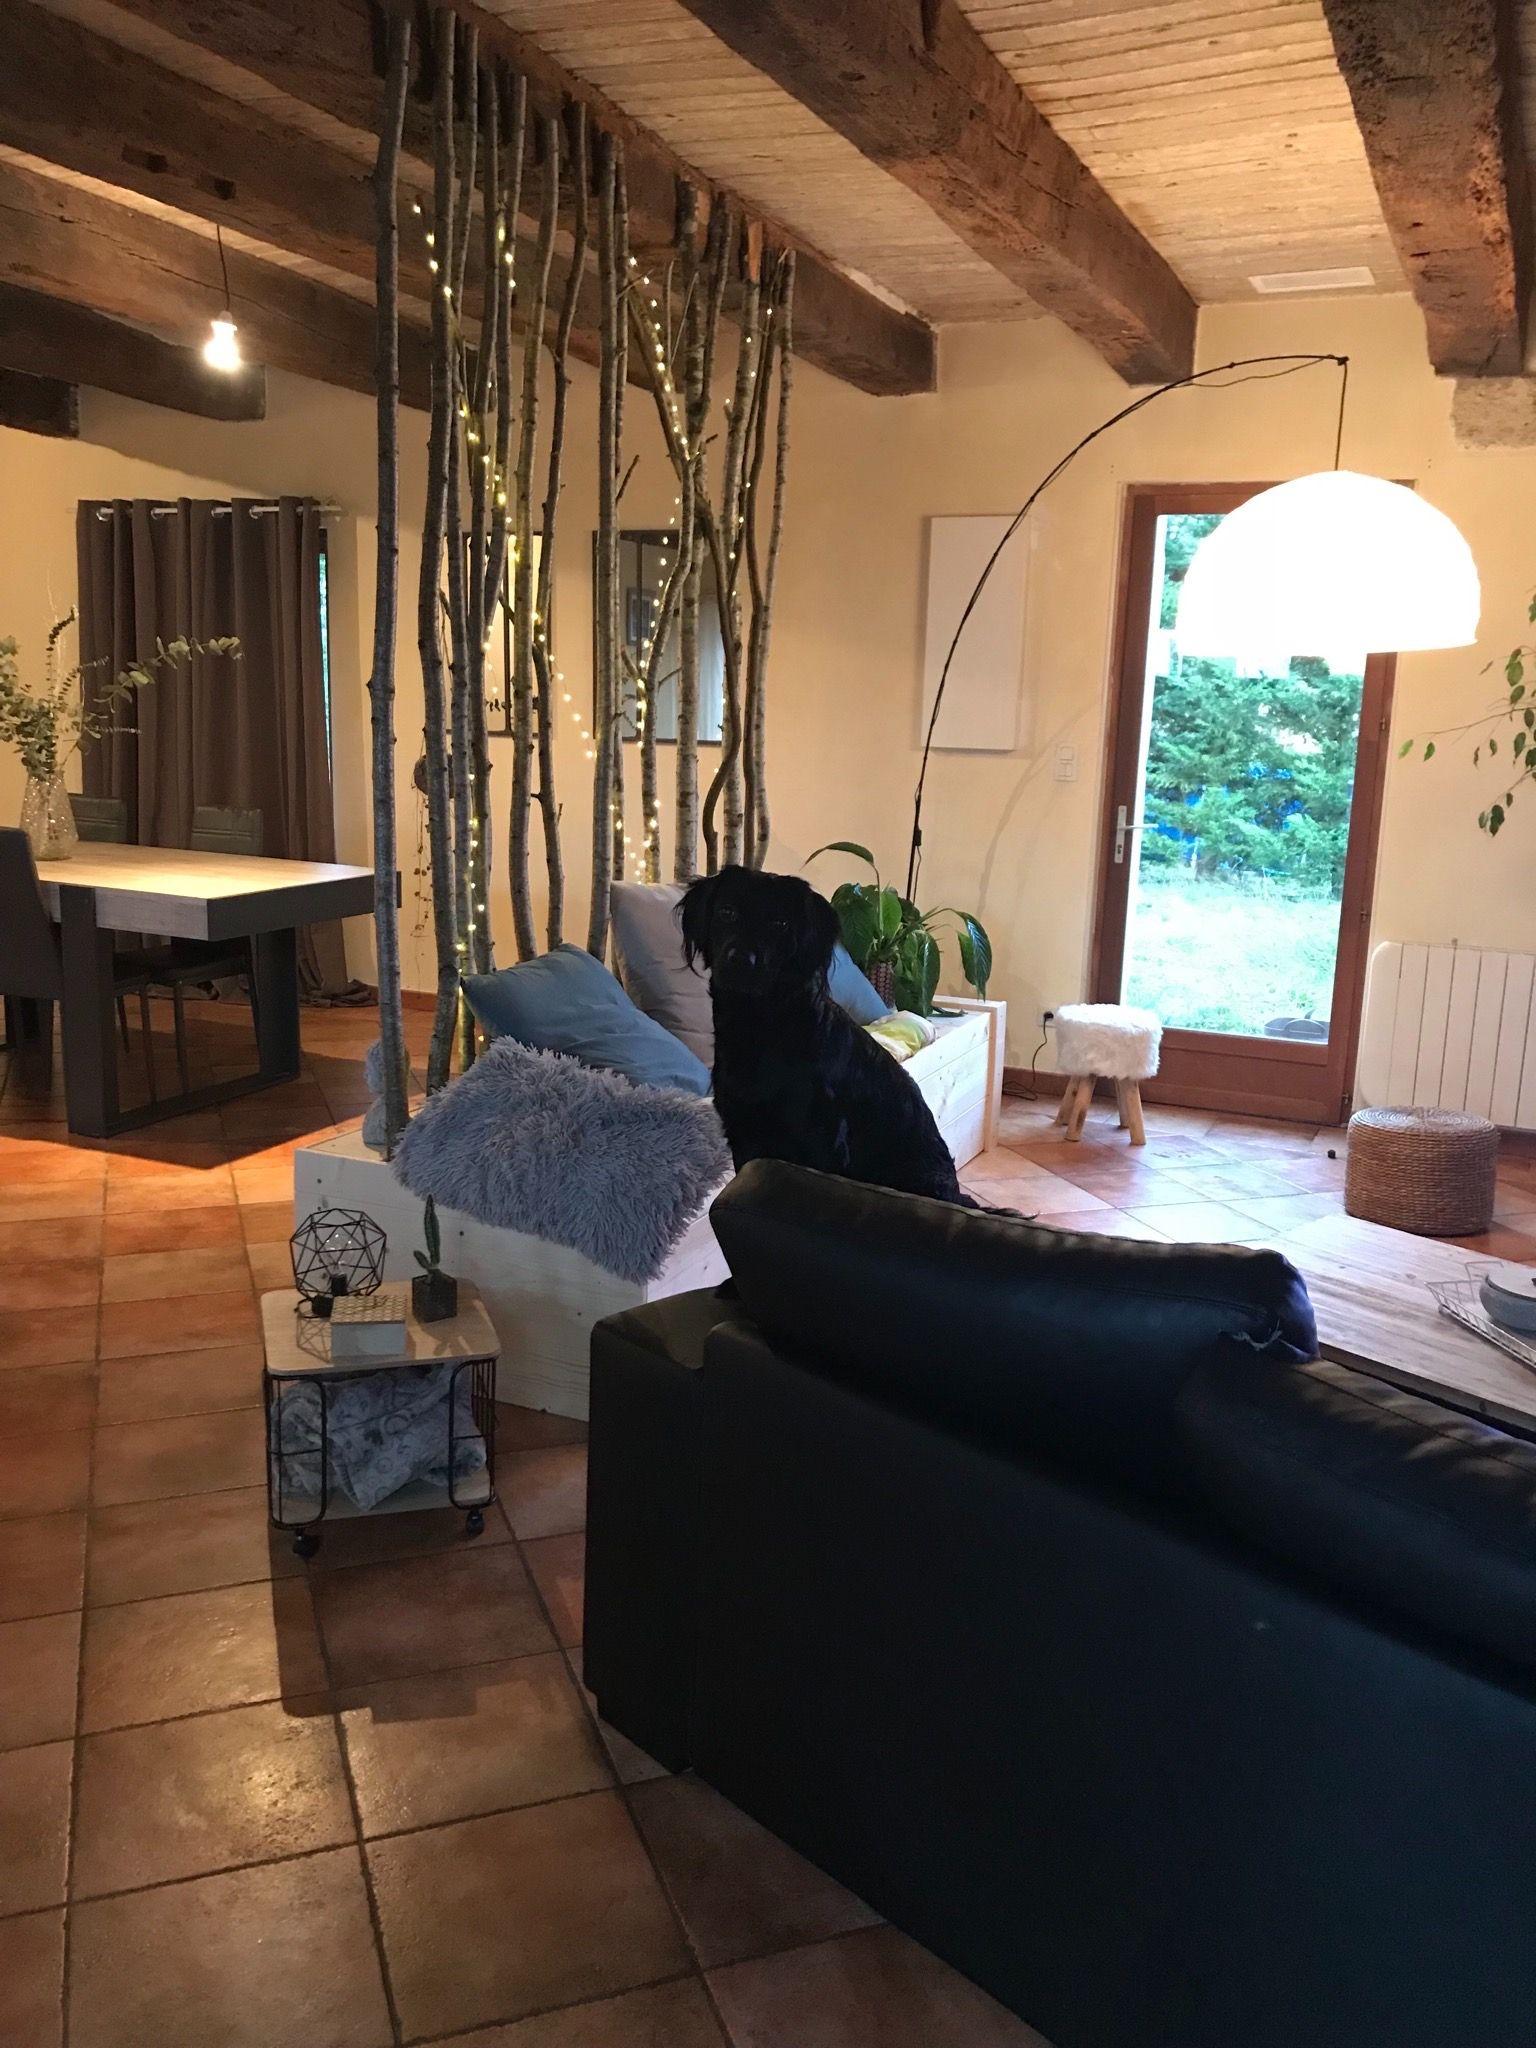 Agencement Bois Nature Construction Diy Design Renovation Architecture Salon Zen Lumiere Sofa Cosy Agencement Salon Diy Design Salon Zen